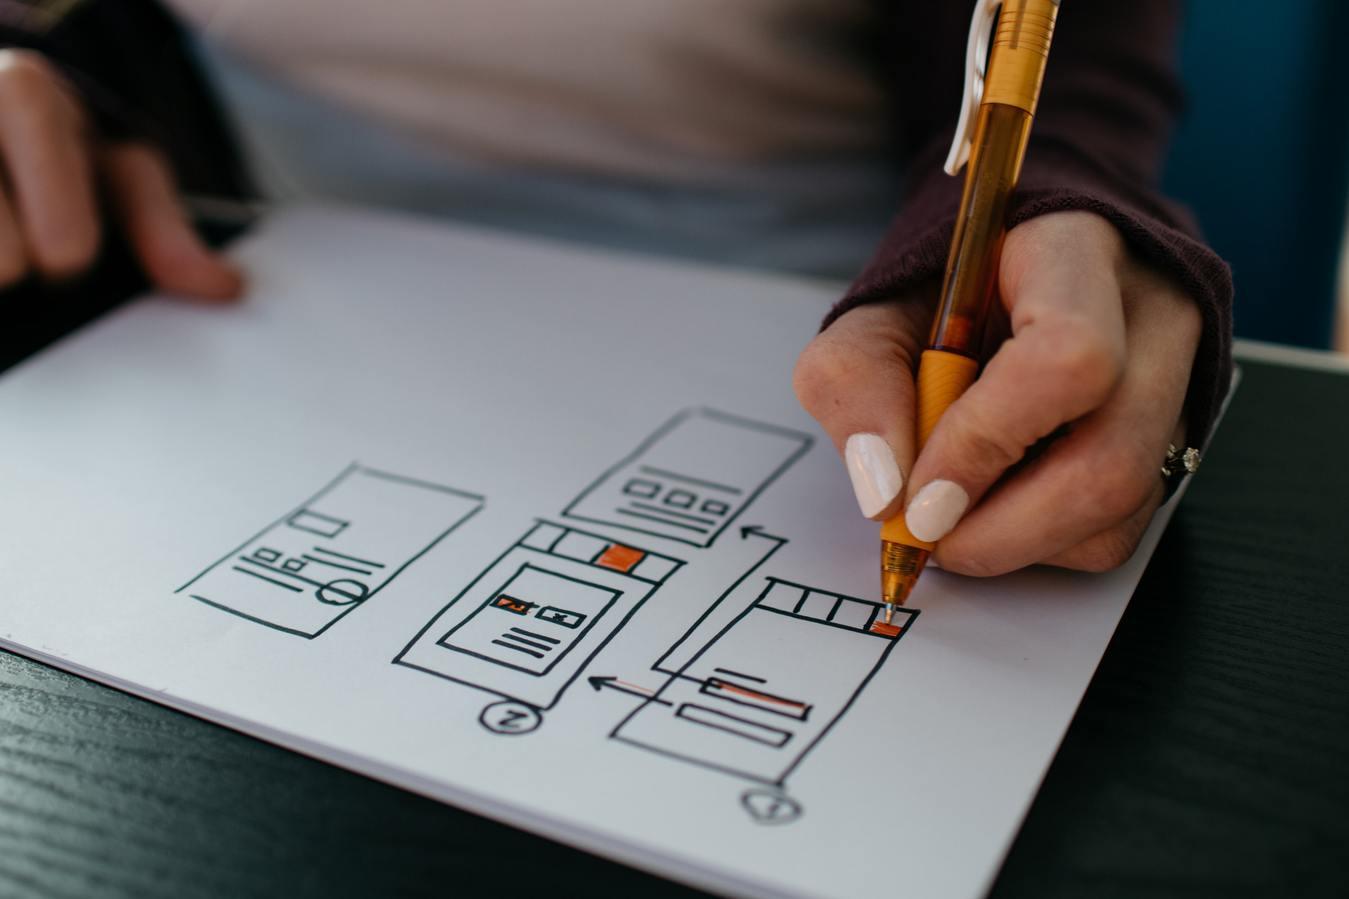 Mano diseñando flujos de sitios web